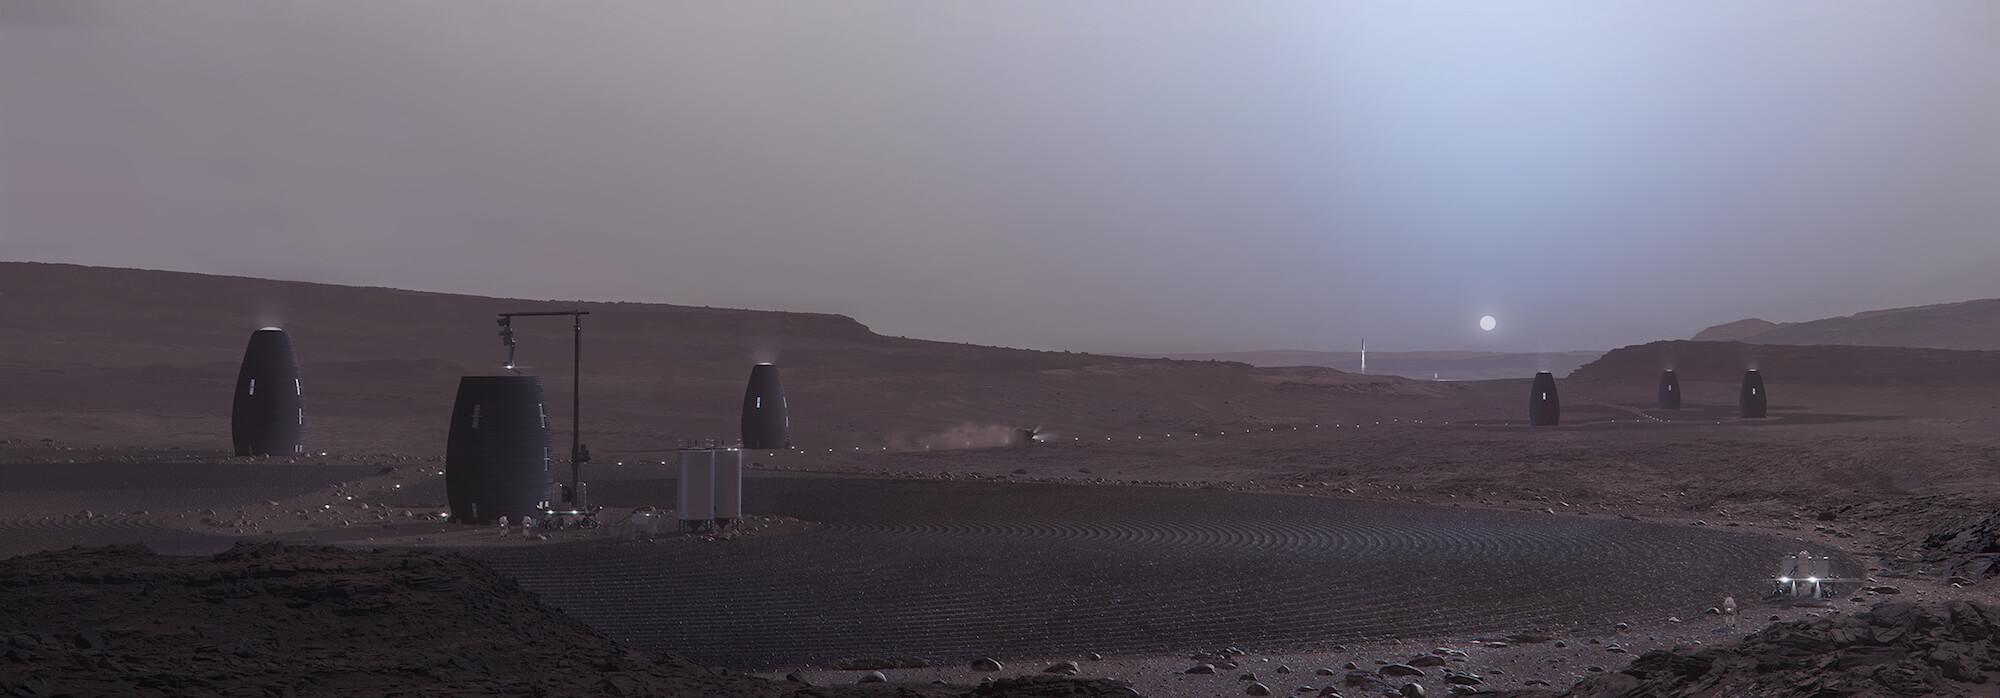 mars habitat robot harvests local materials